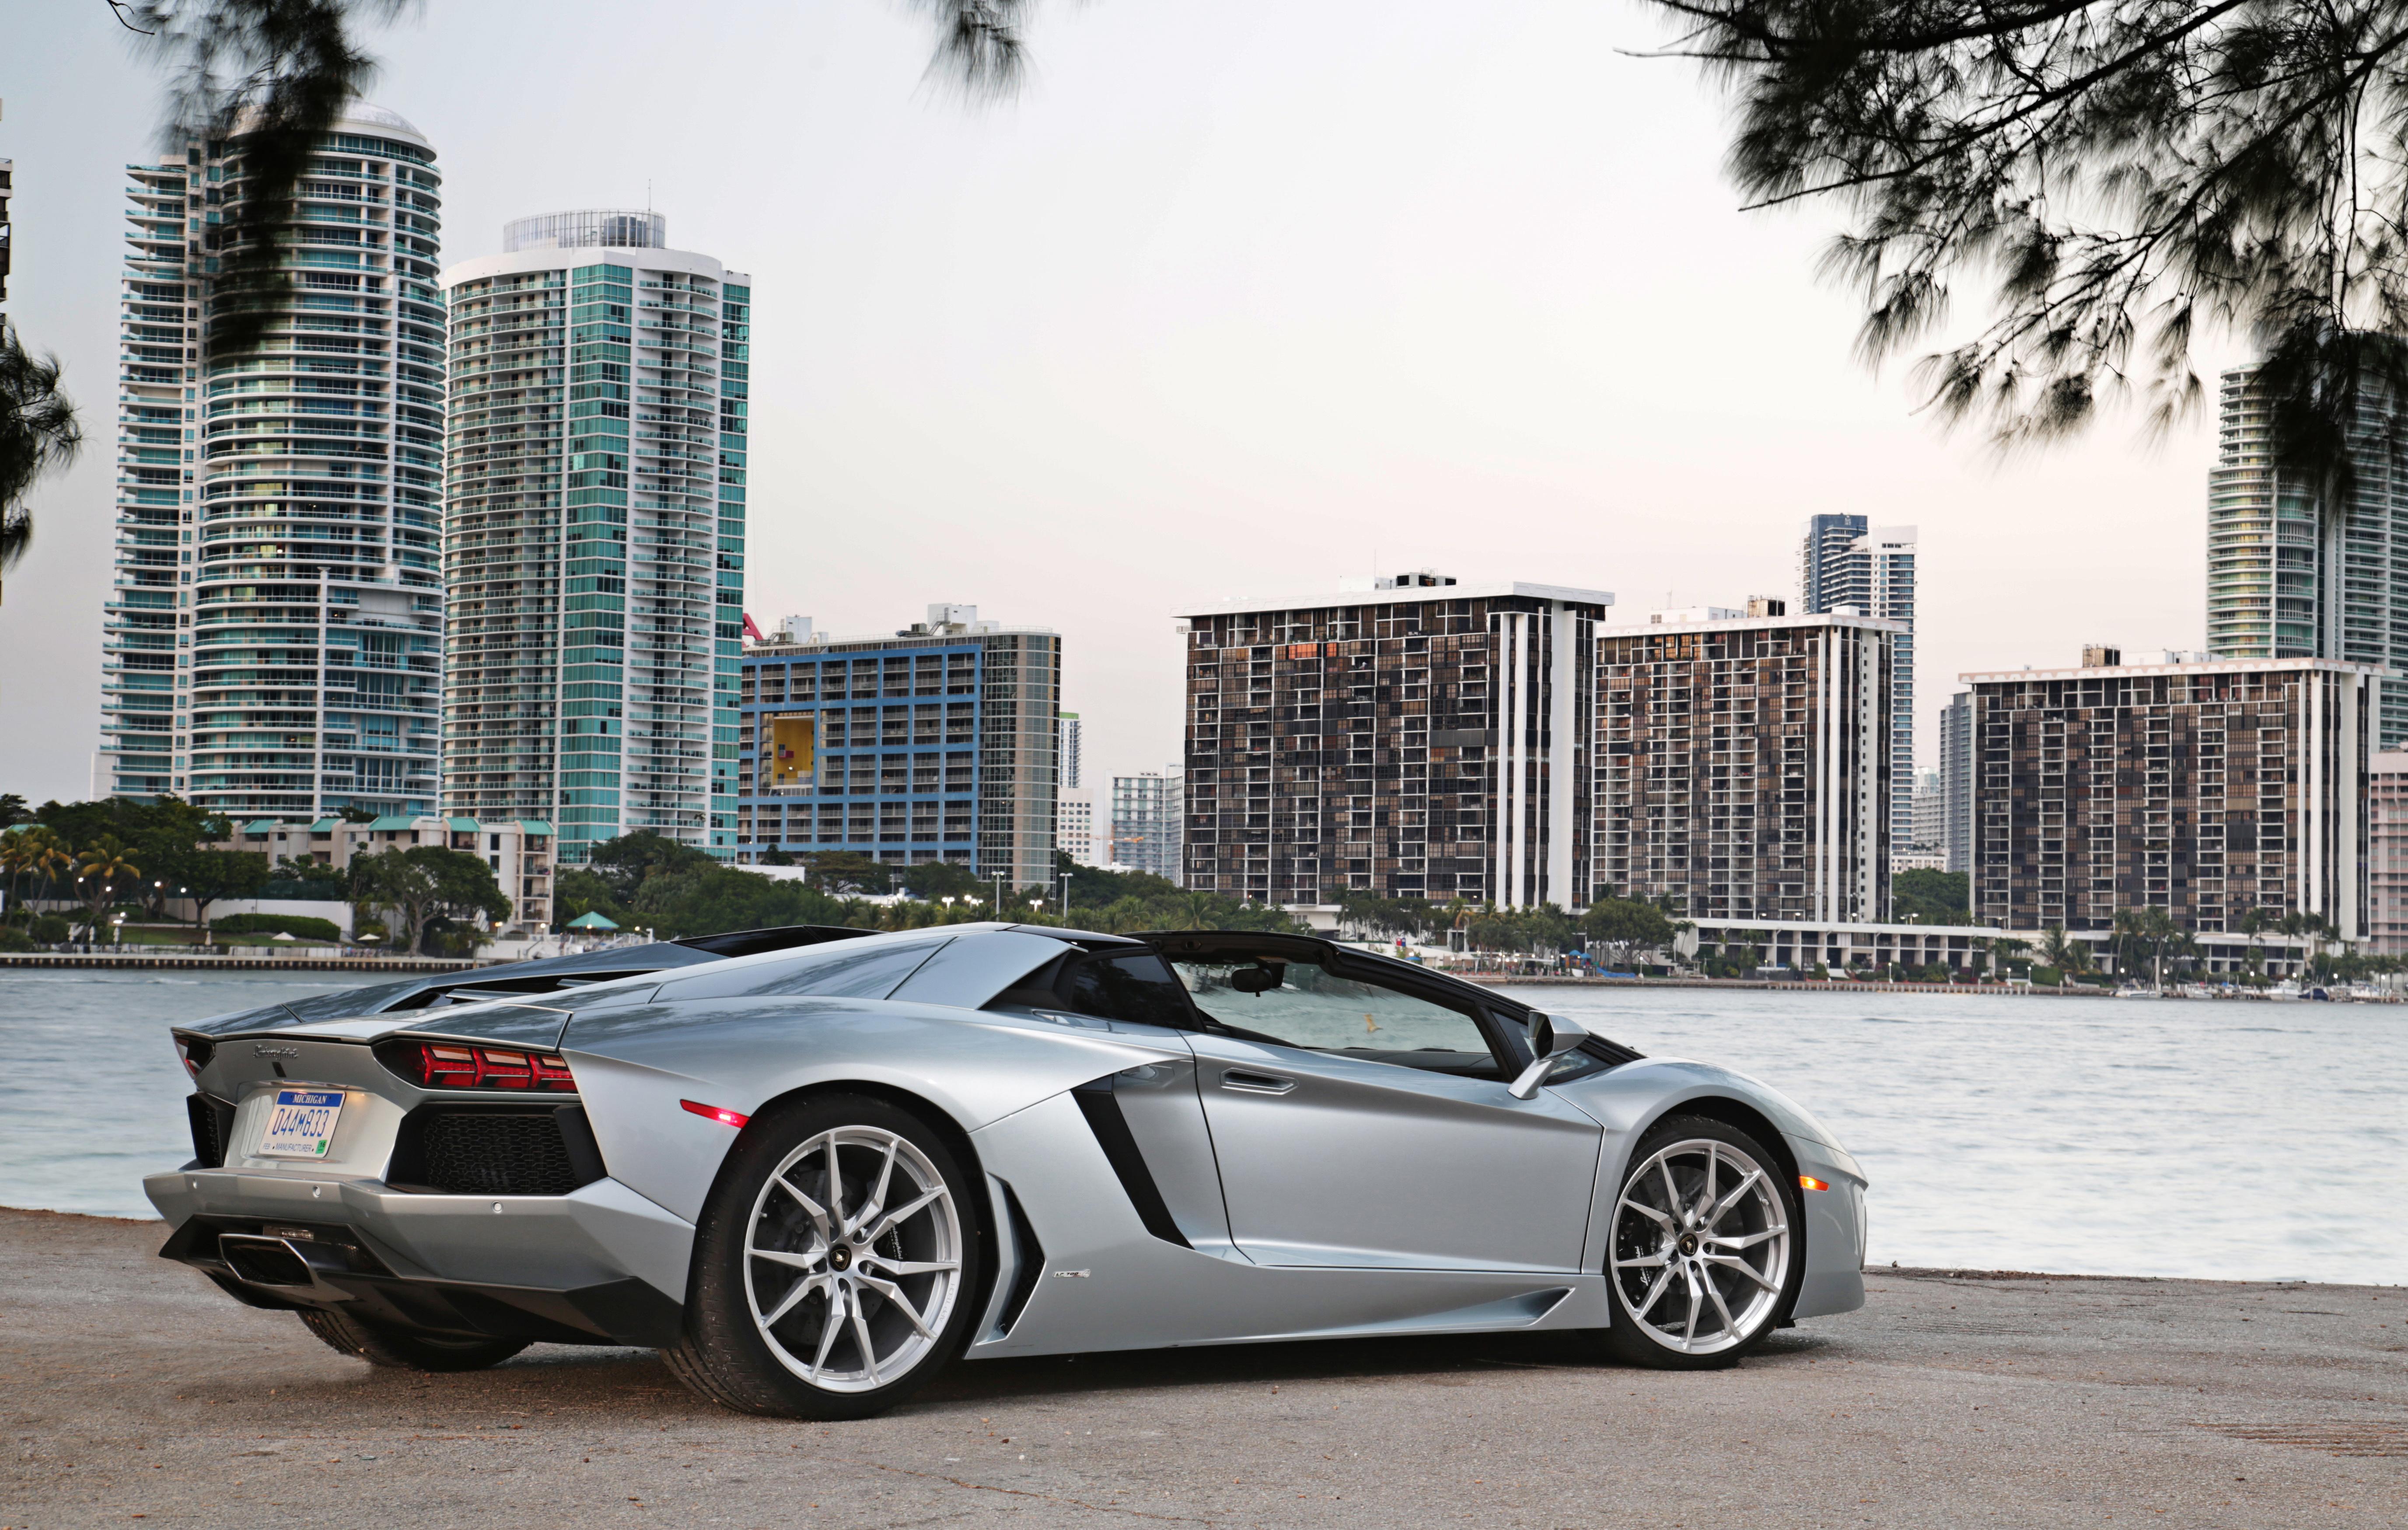 Lamborghini pictures 2012 aventador lp700 4 rabbioso - Lamborghini Aventador Lp700 4 Roadster 2012 25